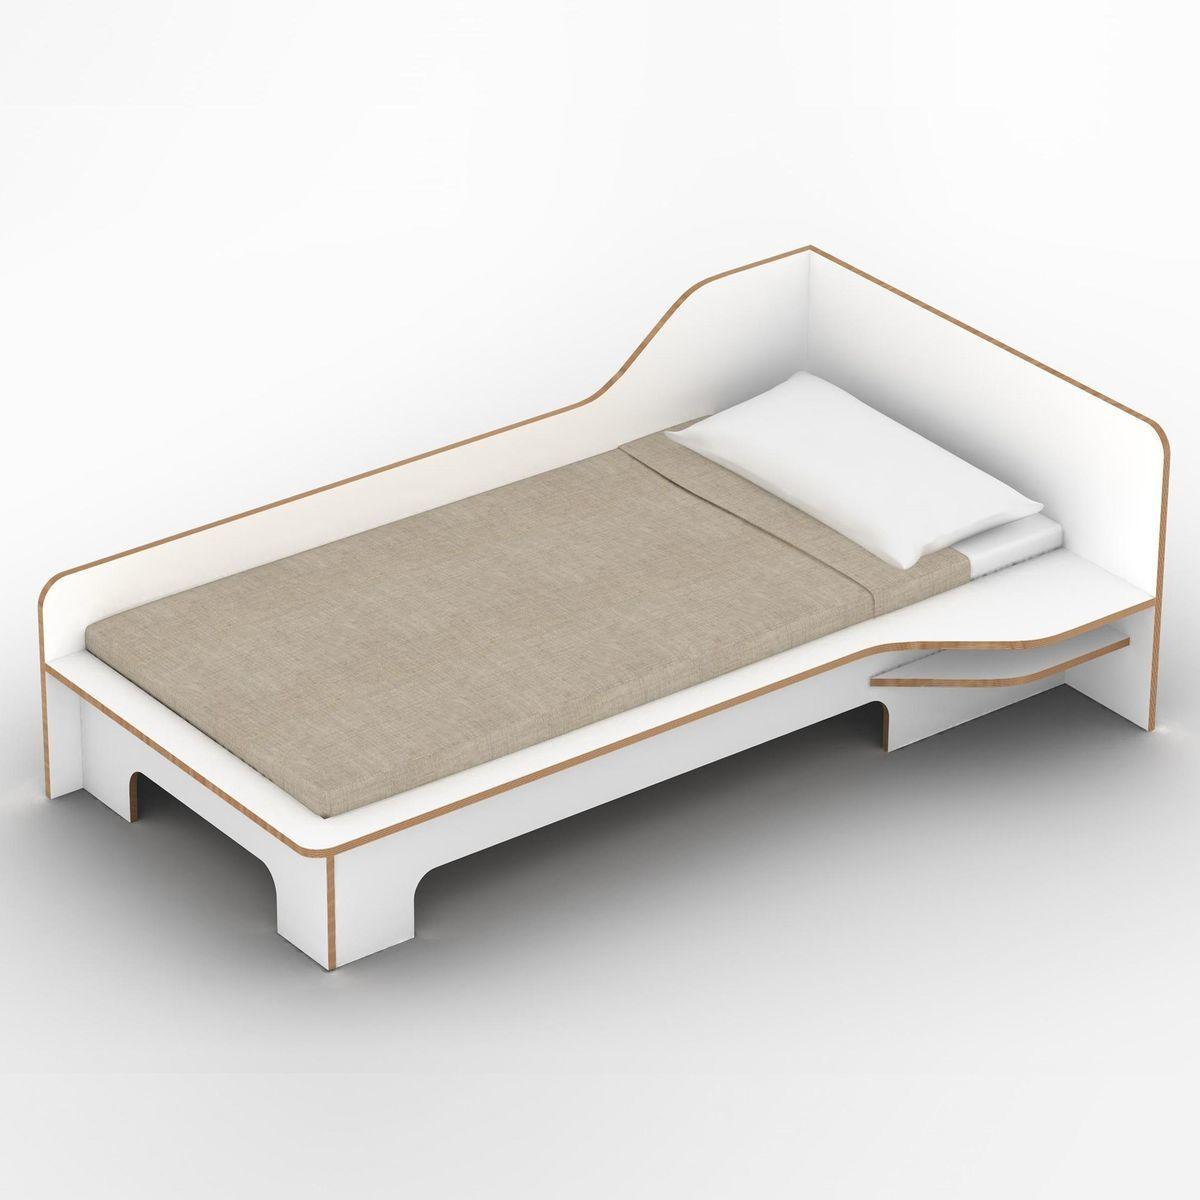 bett ohne lattenrost rucken das beste aus wohndesign und. Black Bedroom Furniture Sets. Home Design Ideas